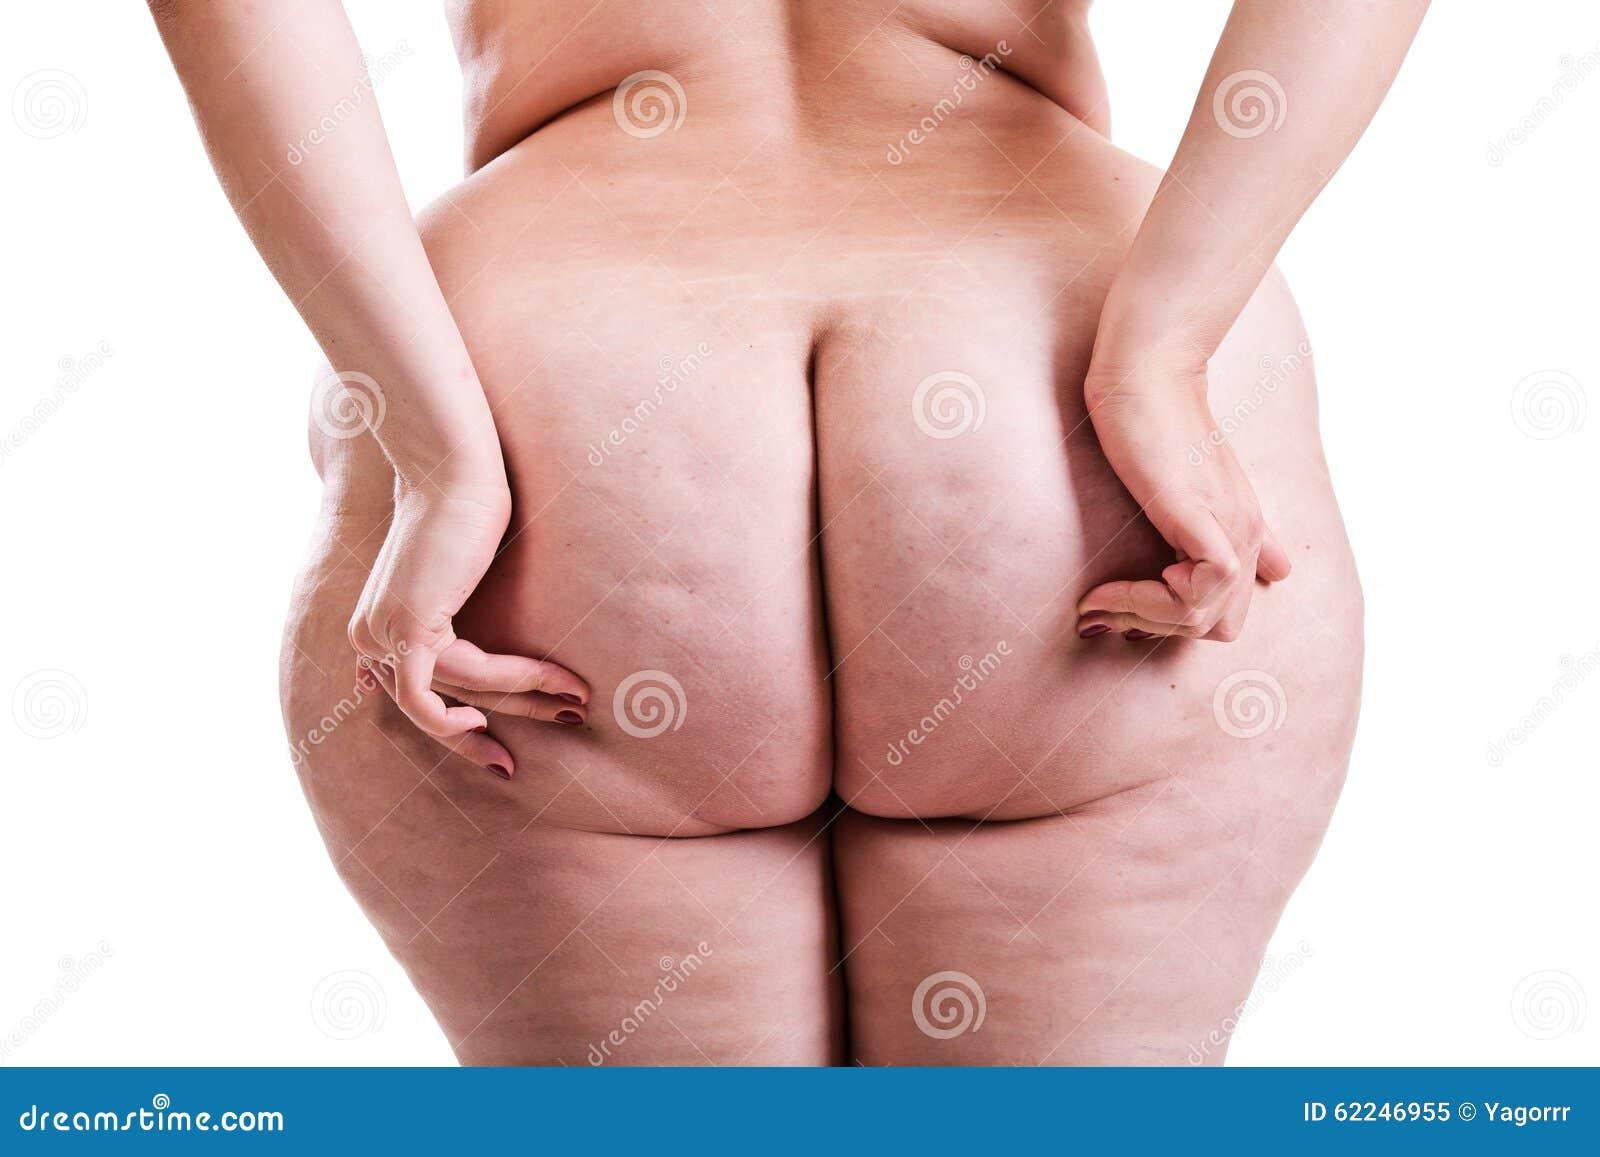 from Braydon imager of nude hadisic women